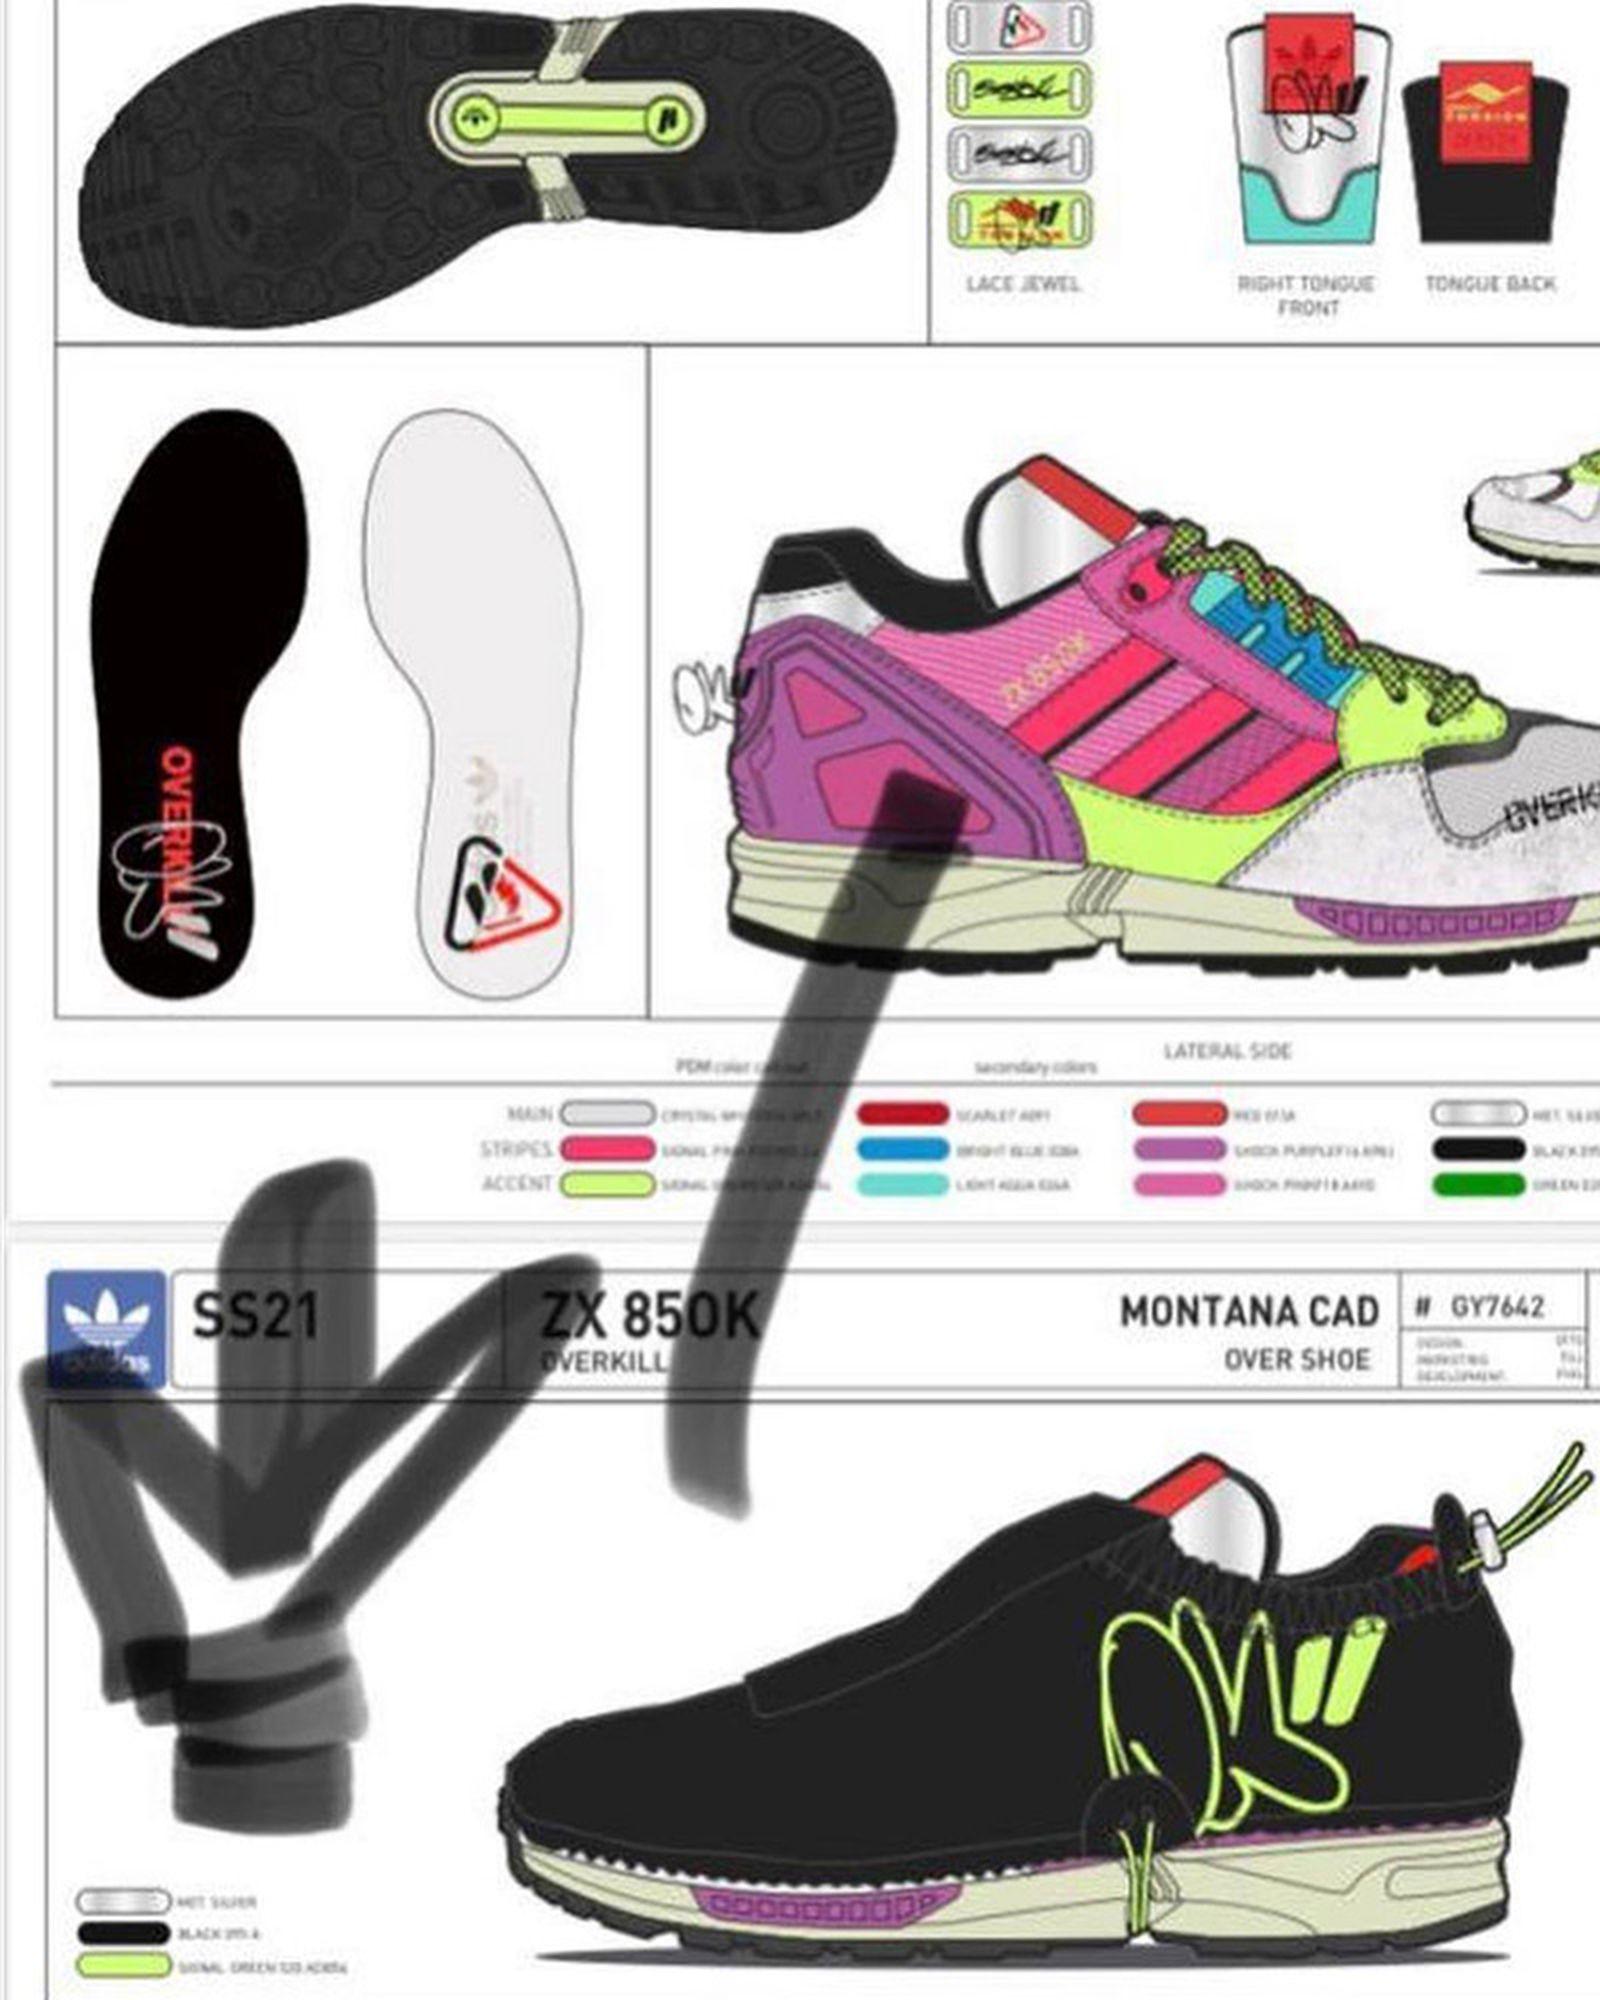 till-jagla-adidas-interview-08